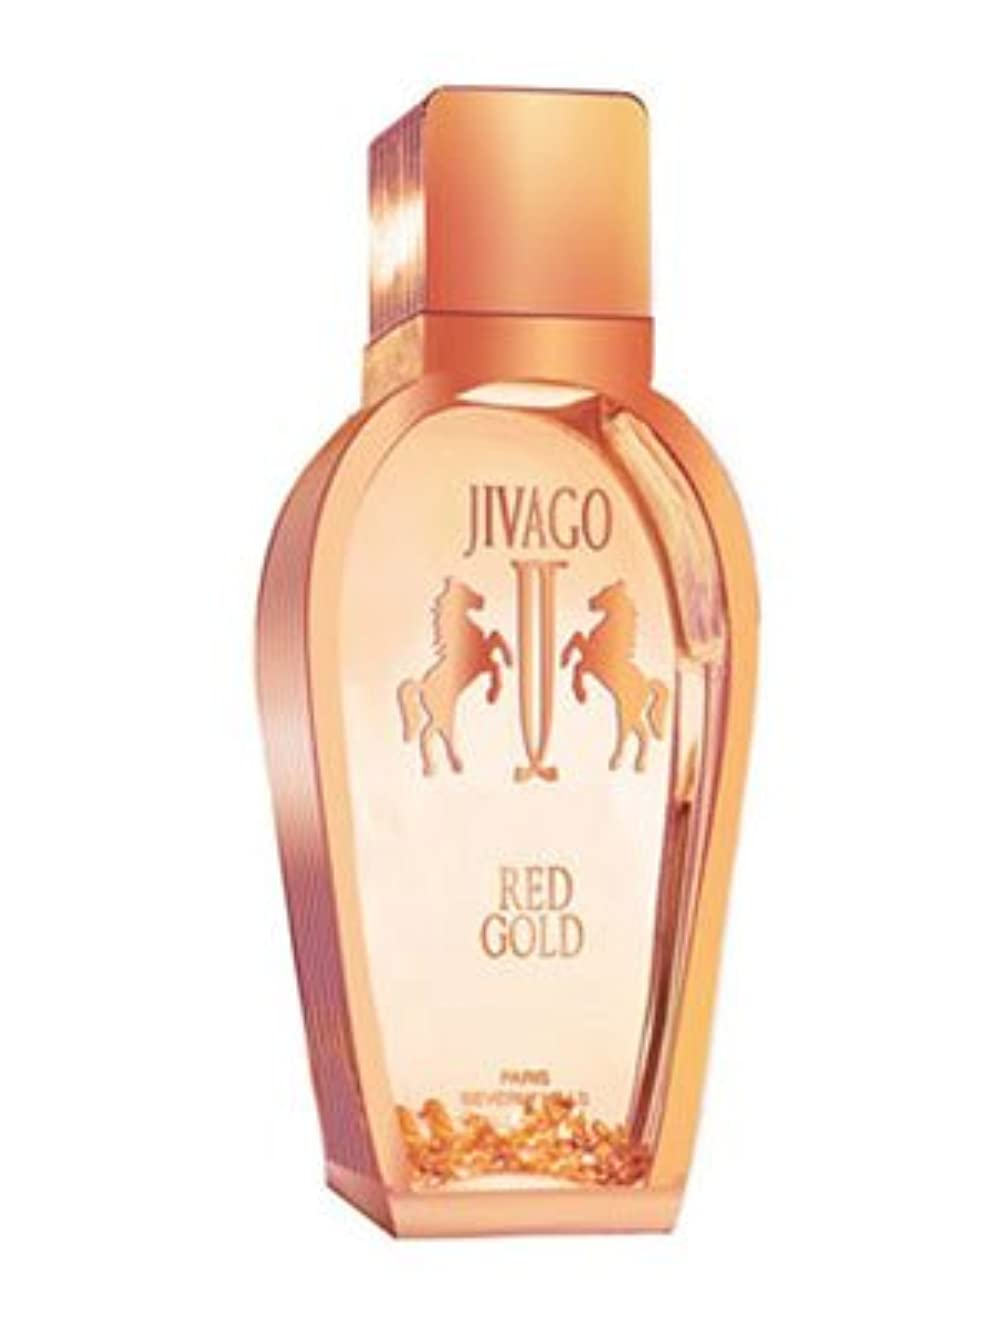 殺します気を散らす争うJivago Red Gold 3.4 oz (100ml) EDP Spray by Jivago for Men